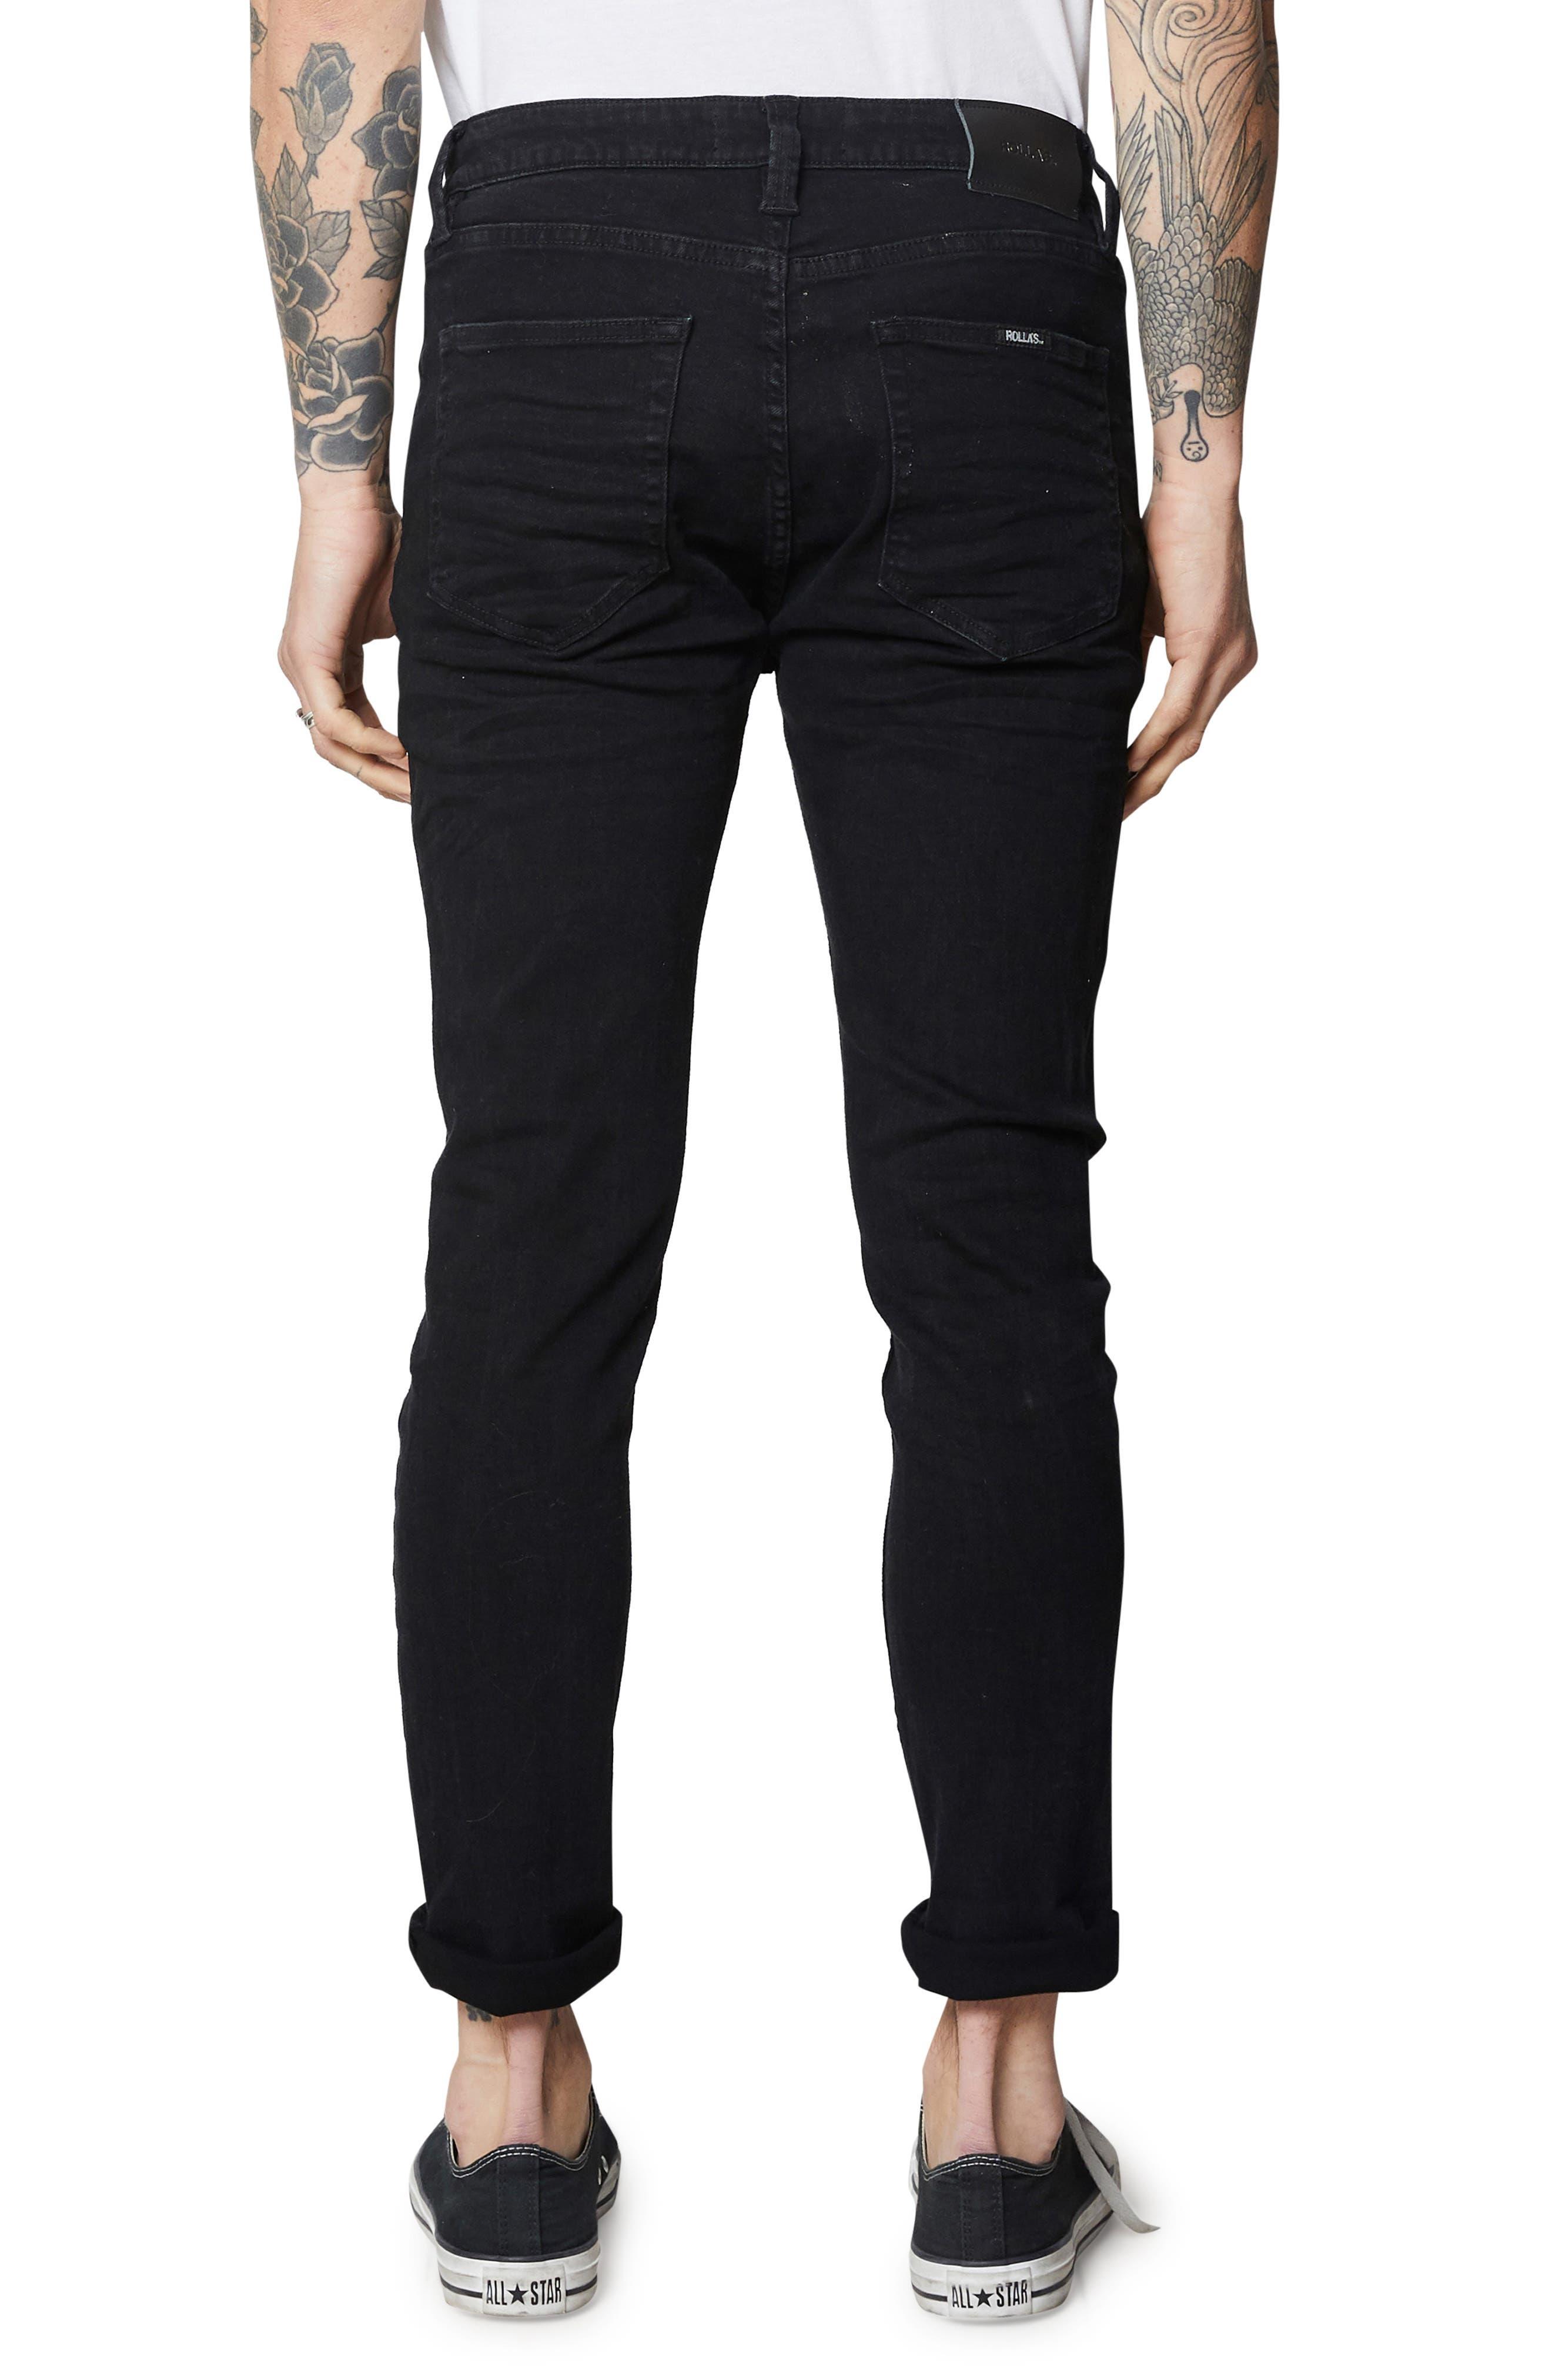 Rollies Slim Fit Jeans,                             Alternate thumbnail 2, color,                             BLACK RAVEN